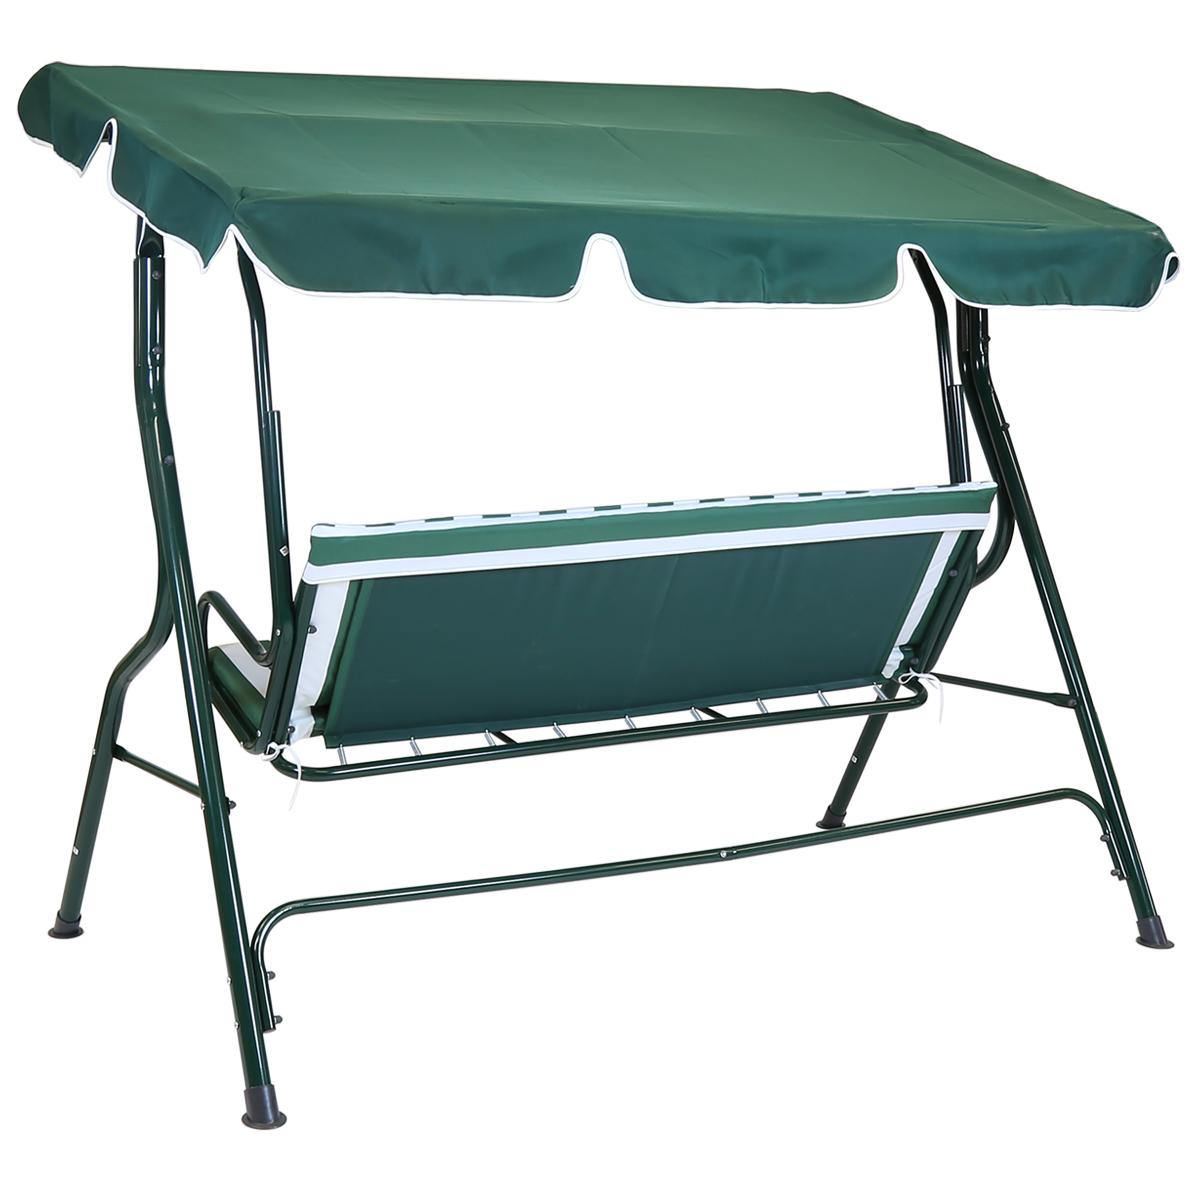 charles bentley 2 seater garden swing seat hammock  charles bentley 2 seater garden swing seat hammock chair stripe      rh   m ebay ie